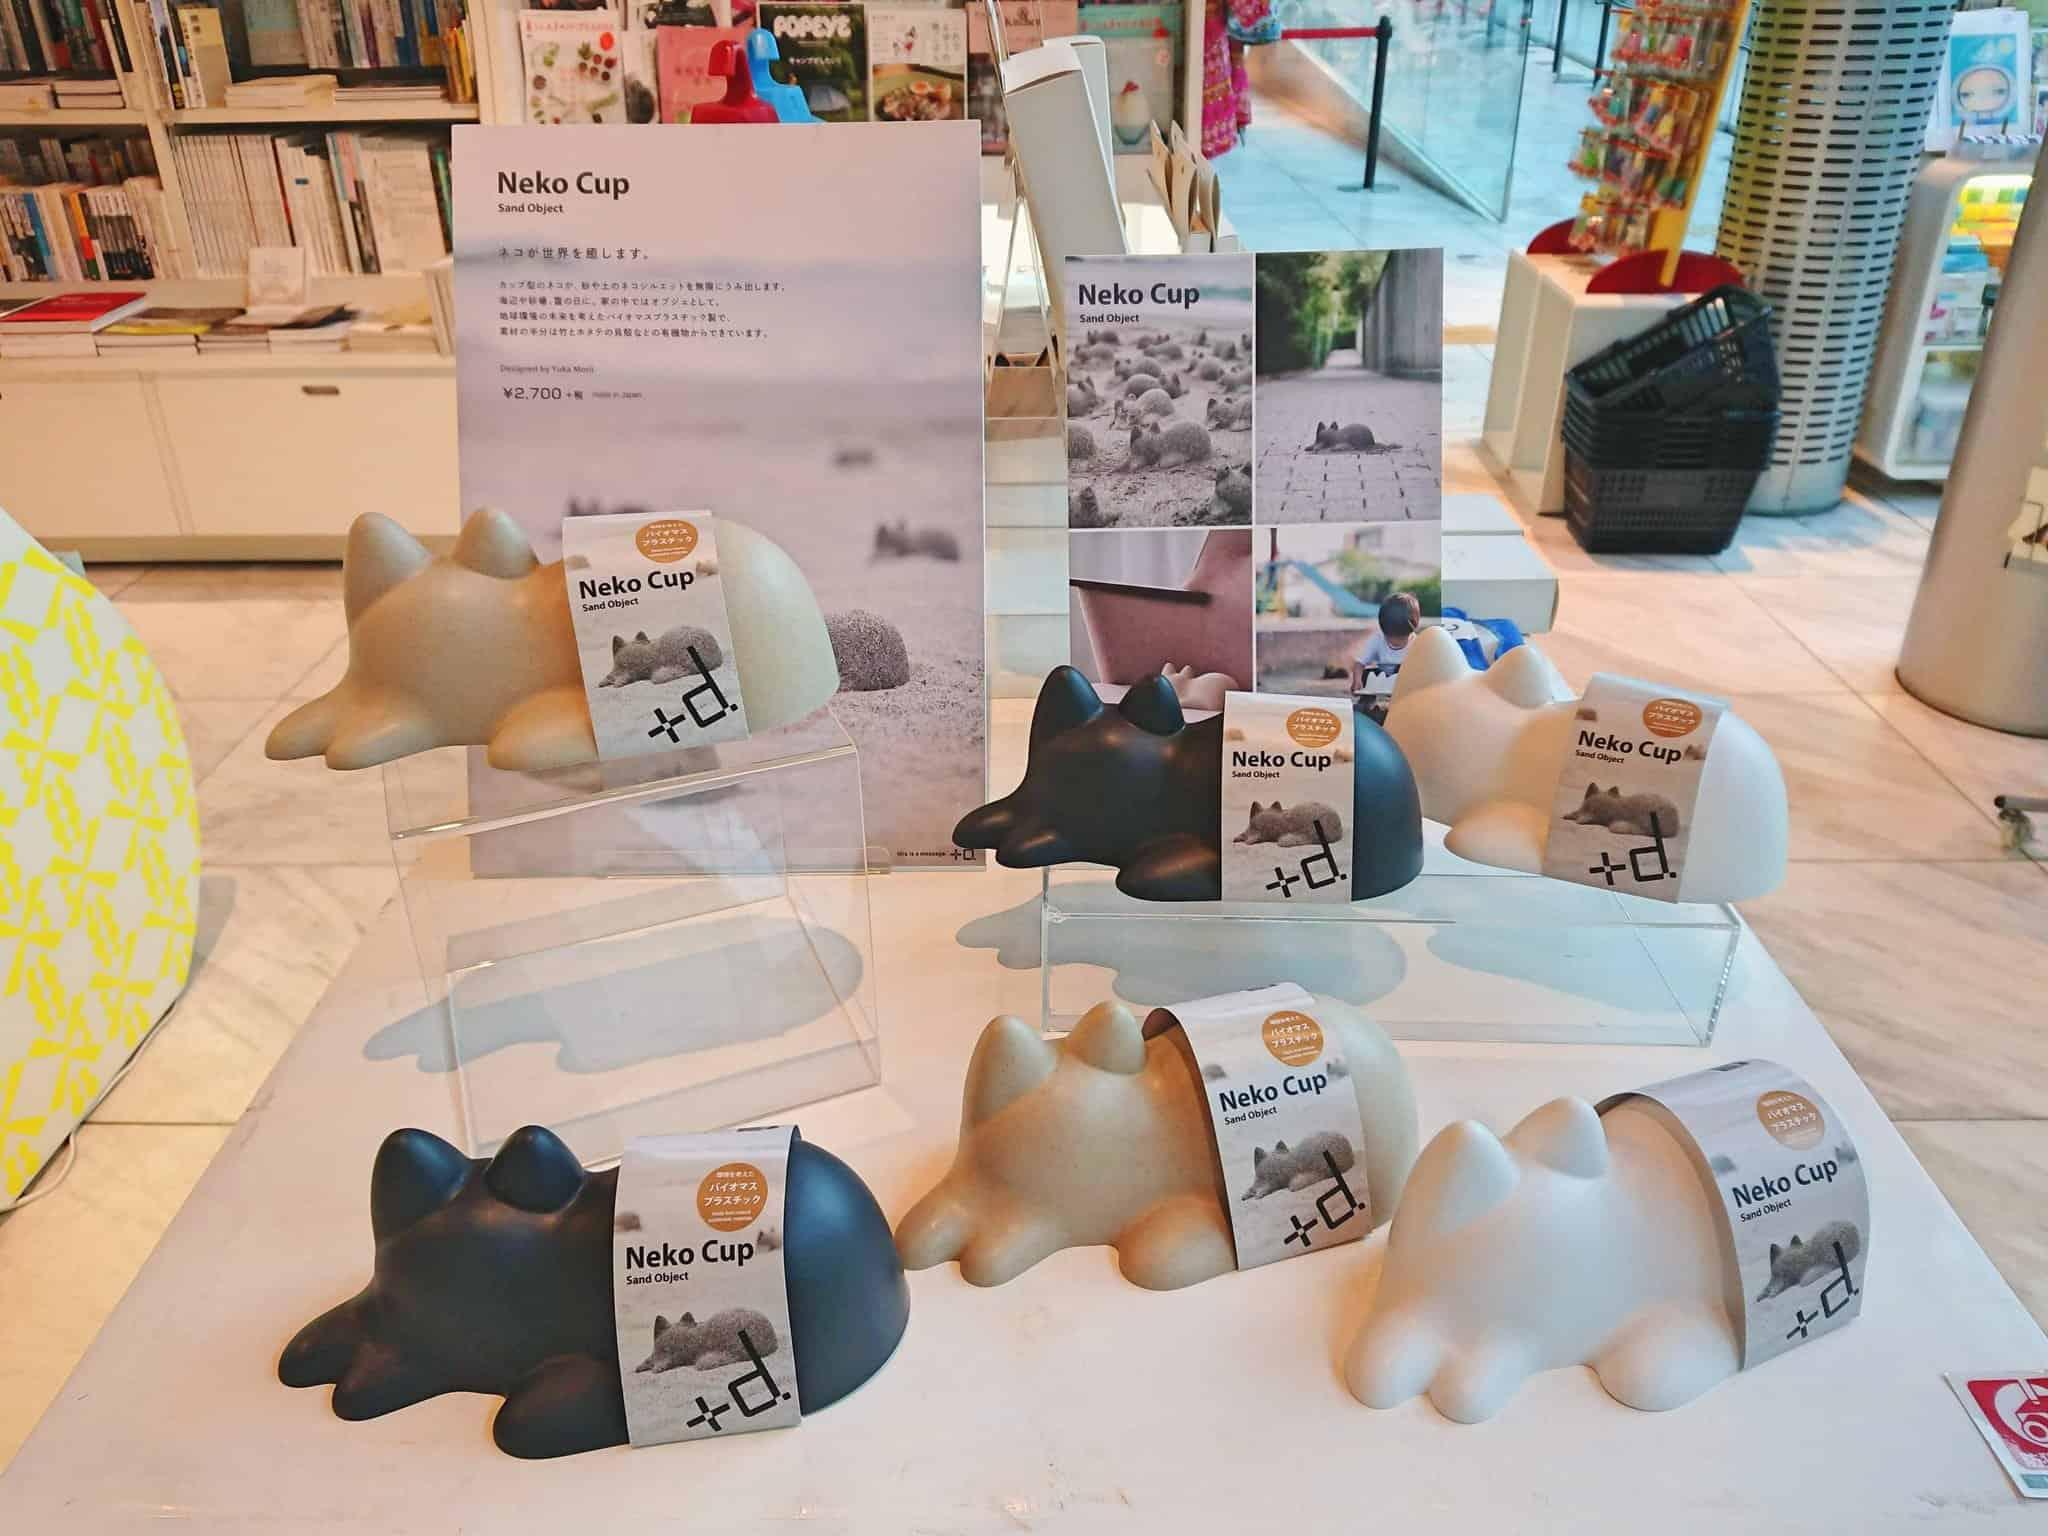 ซื้อ Neko Cup ได้ที่ร้านกิฟต์ช็อป KONCENT KITTE @tokyo